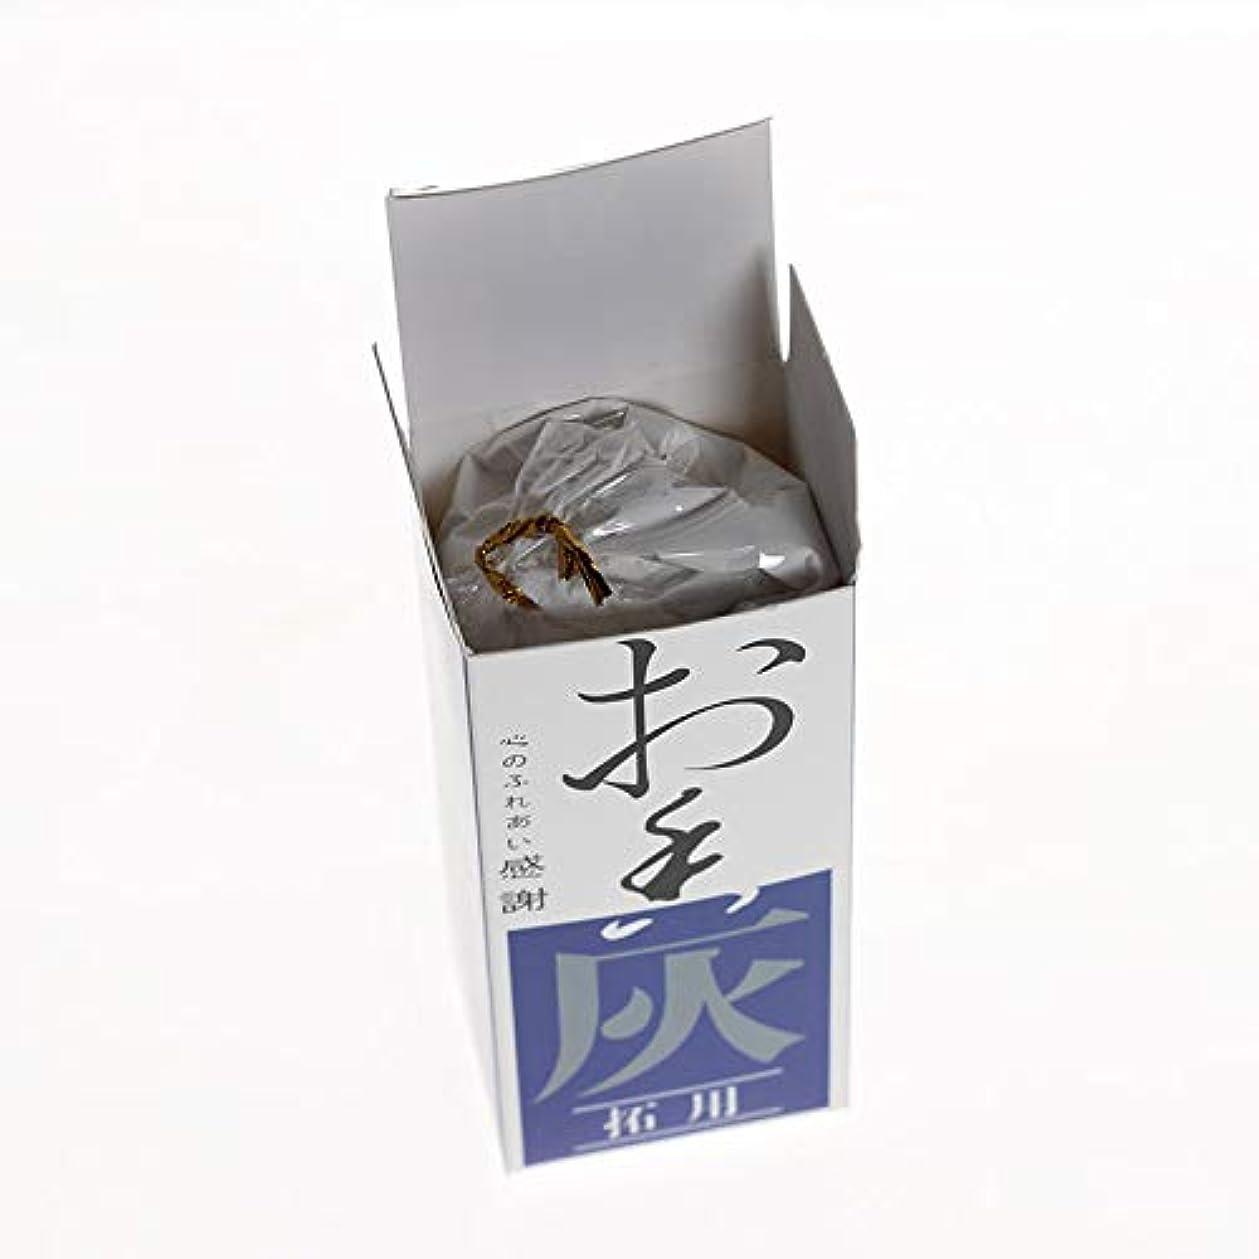 曖昧な超越する資源Diatems - 輸入香ばしい香り高い柚子特別灰沈香香炉灰灰灰色の灰香り用品スーパーソングRongtang [3PC]